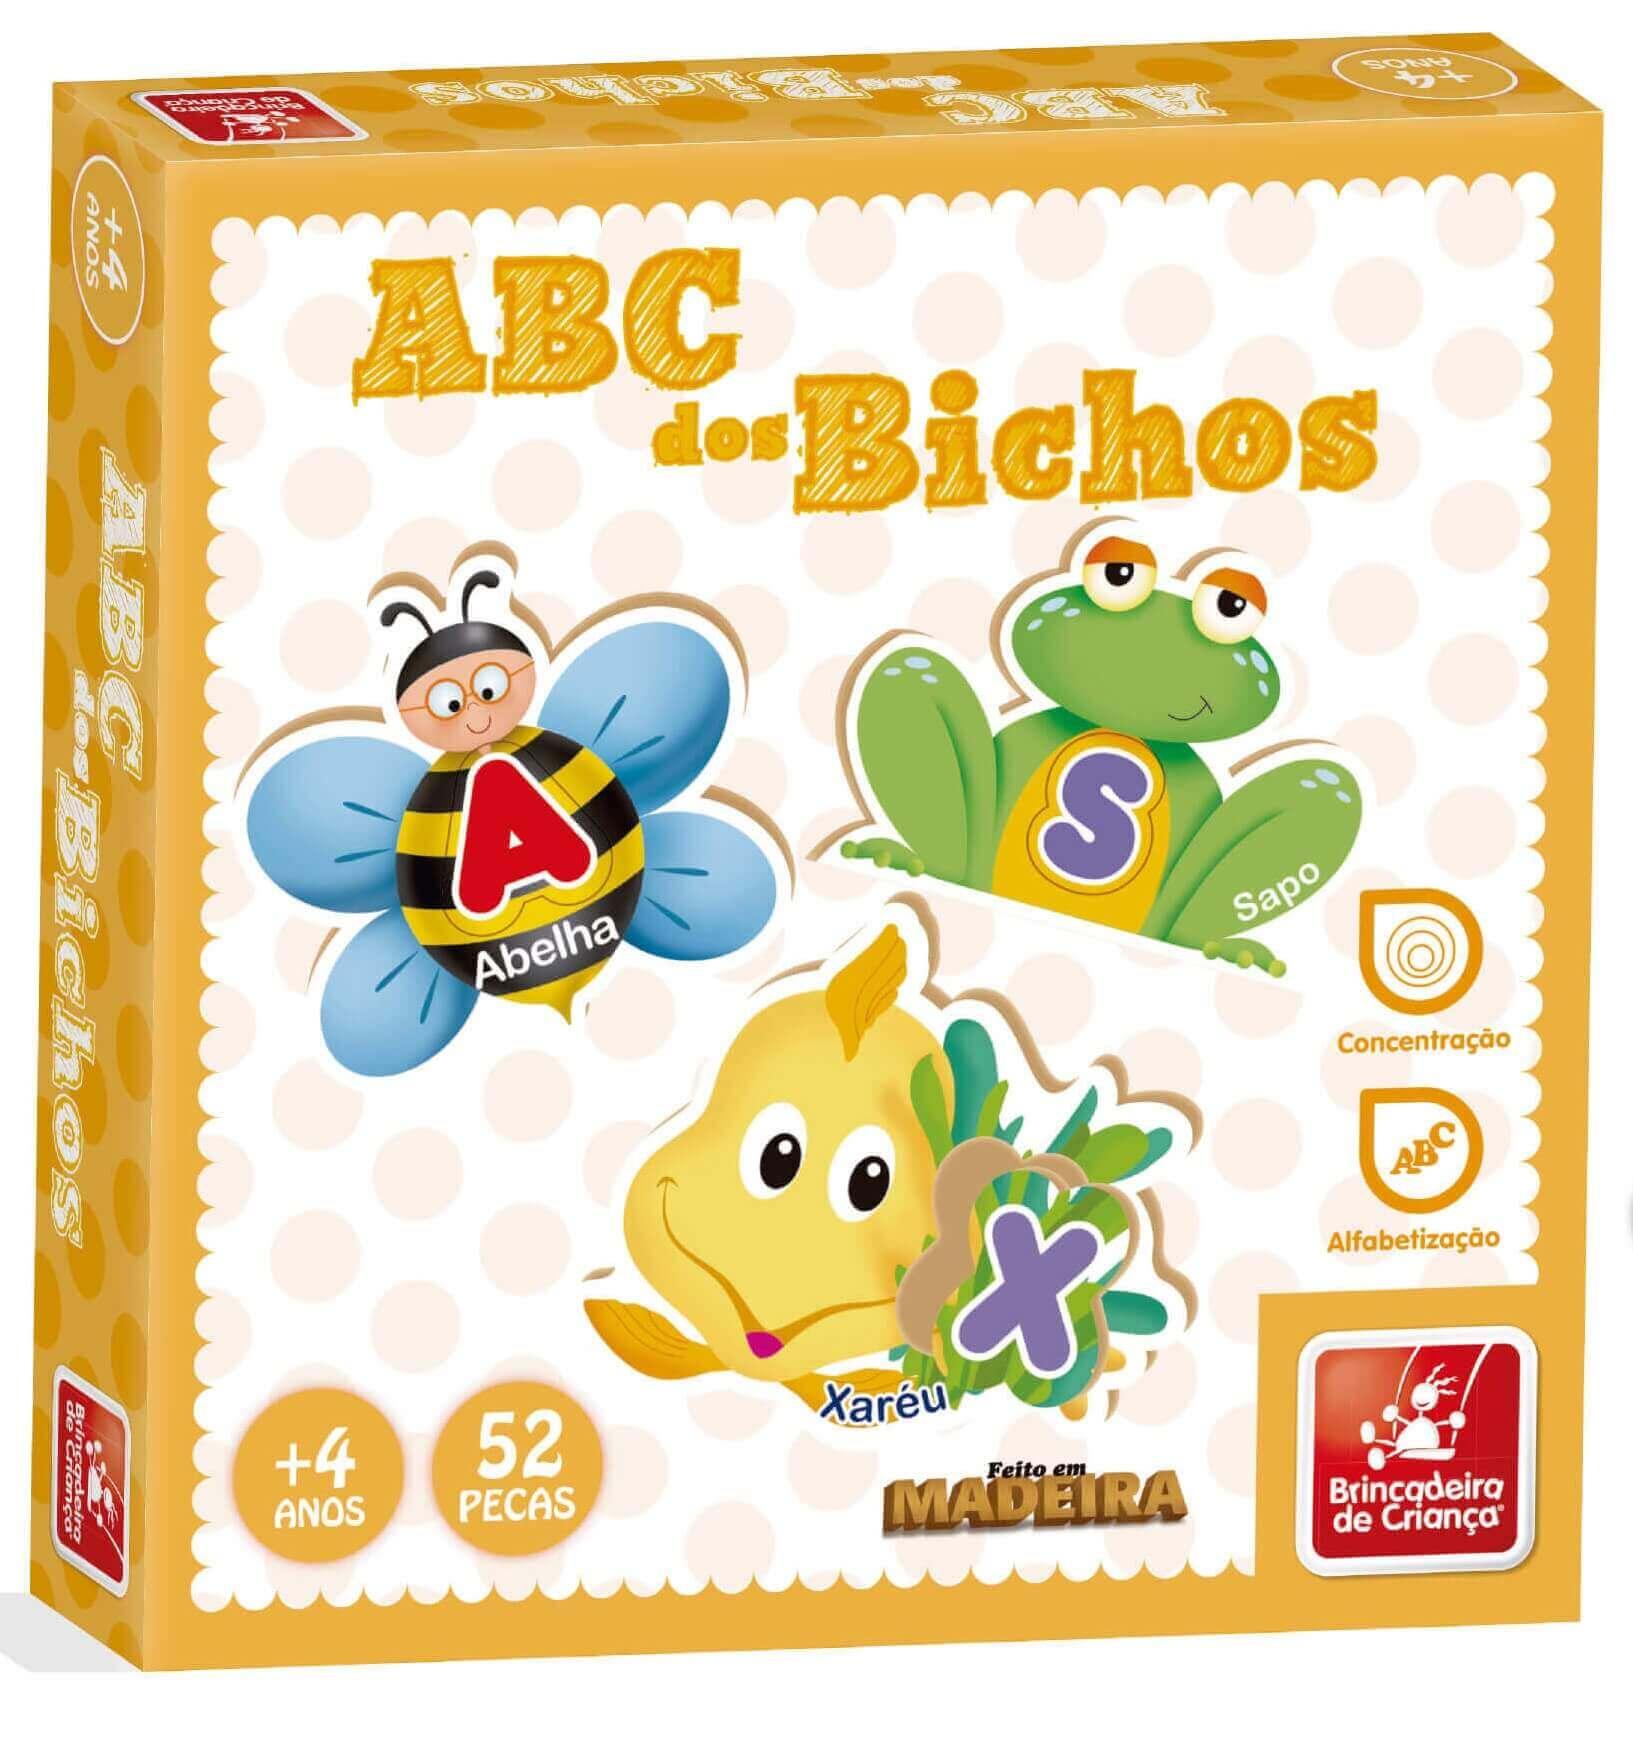 Quebra-Cabeça Abc Dos Bichos 52 Peças Em Madeira Brincadeira de Criança